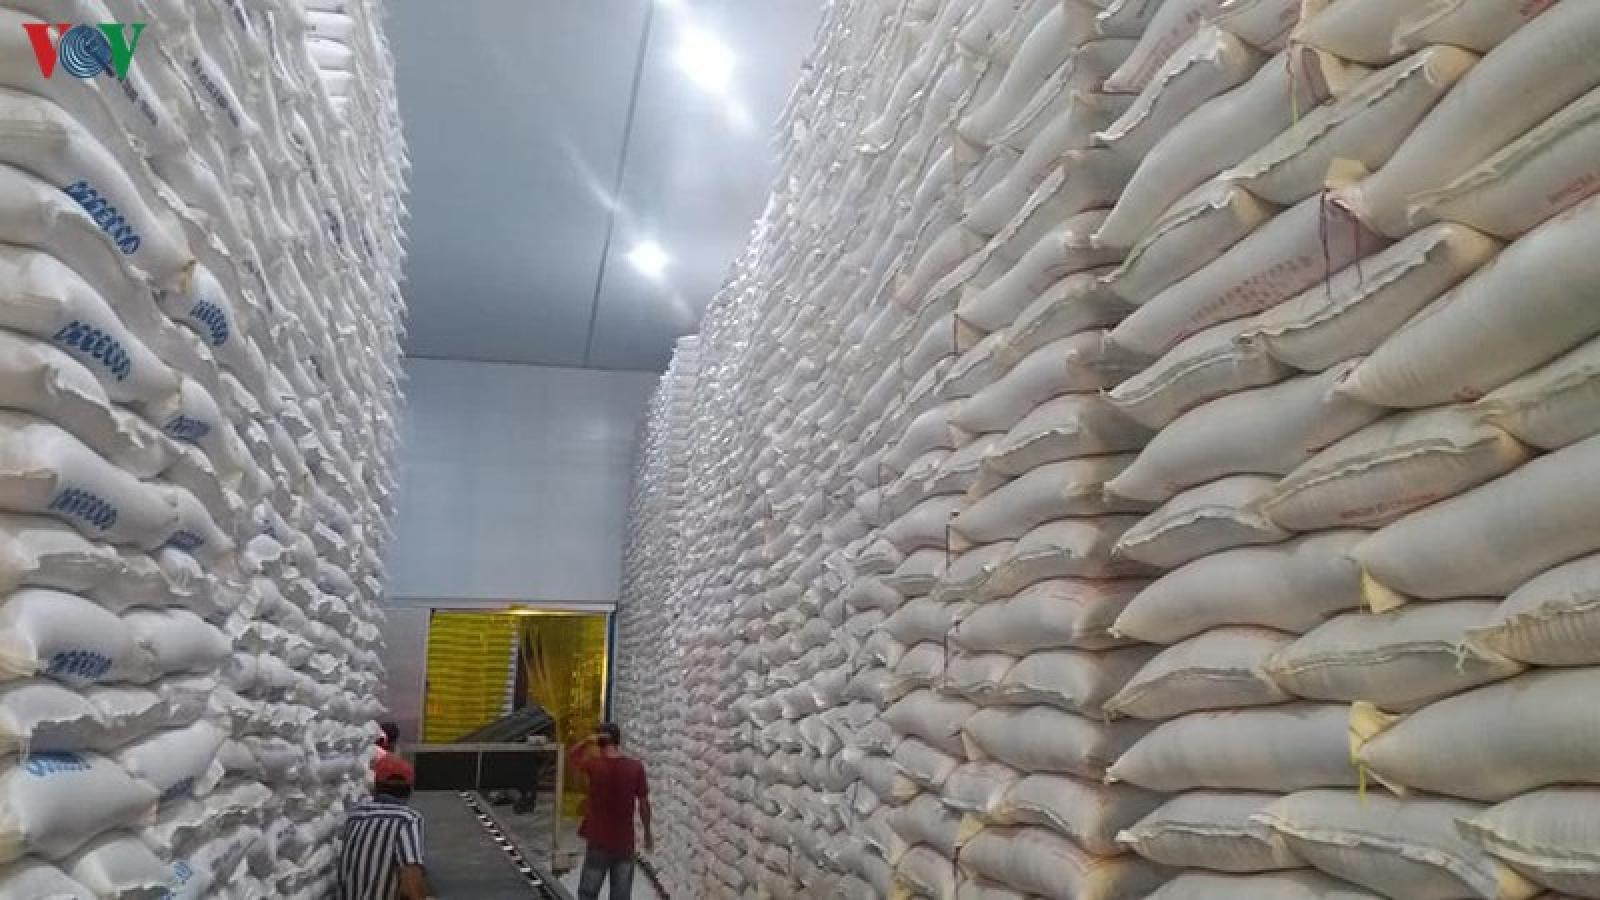 UB Kinh tế kiến nghị xử lý trách nhiệm trong tham mưu xuất khẩu gạo